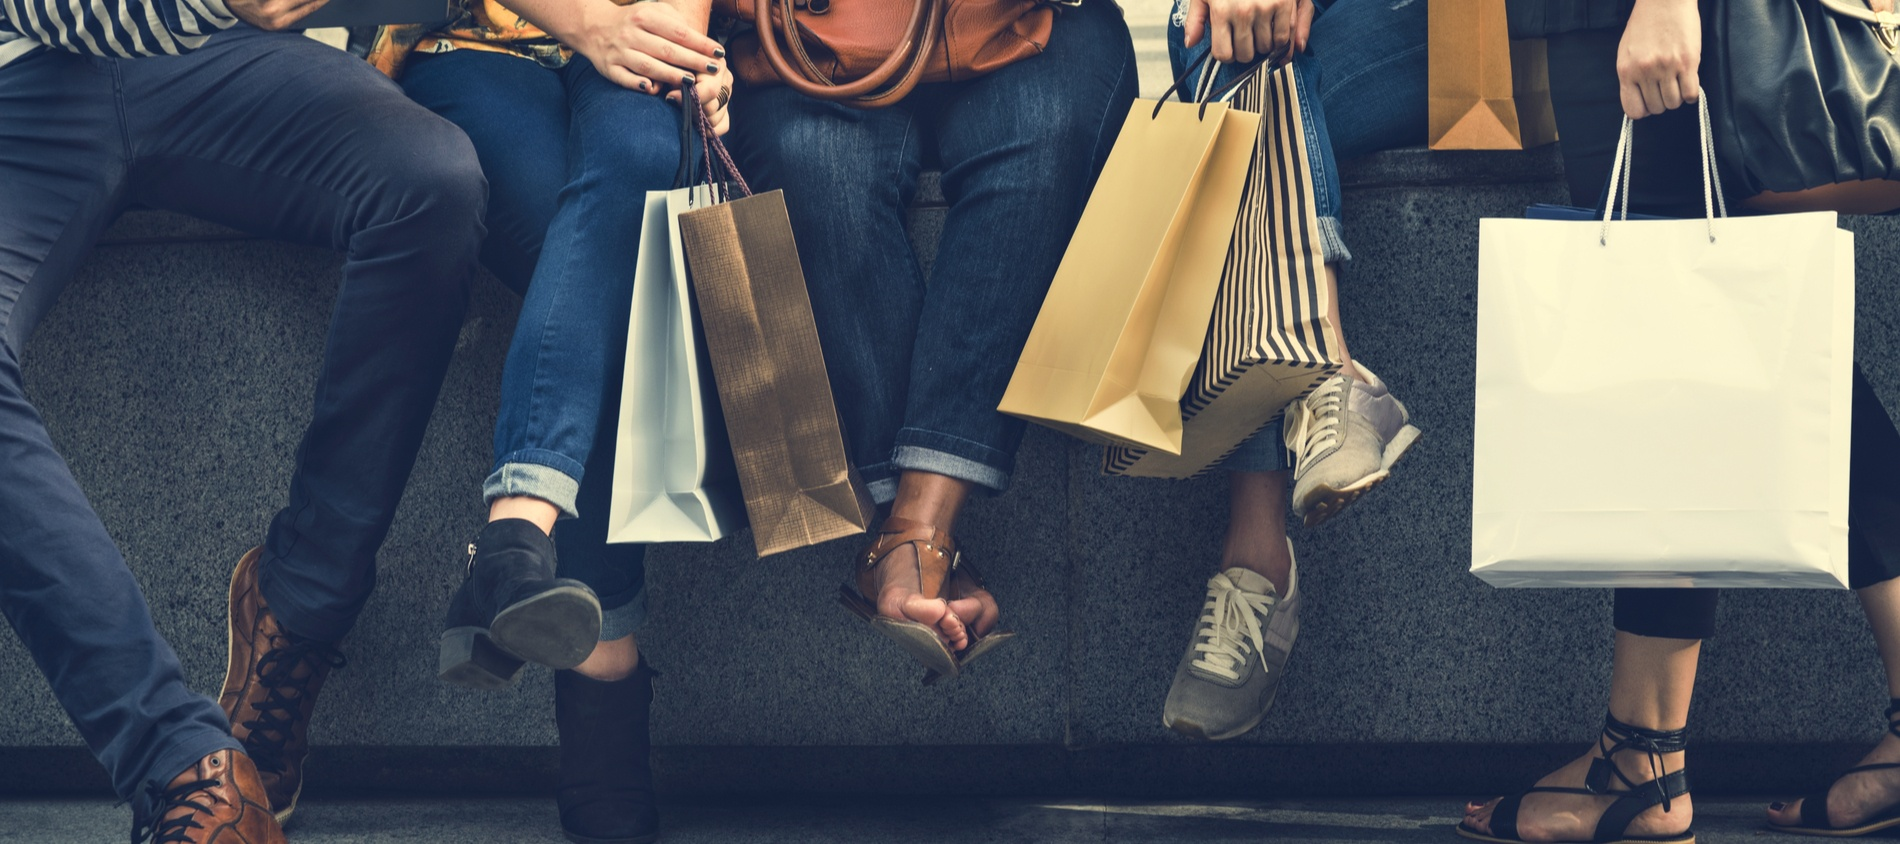 Clientes felices = Grandes oportunidades de marketing